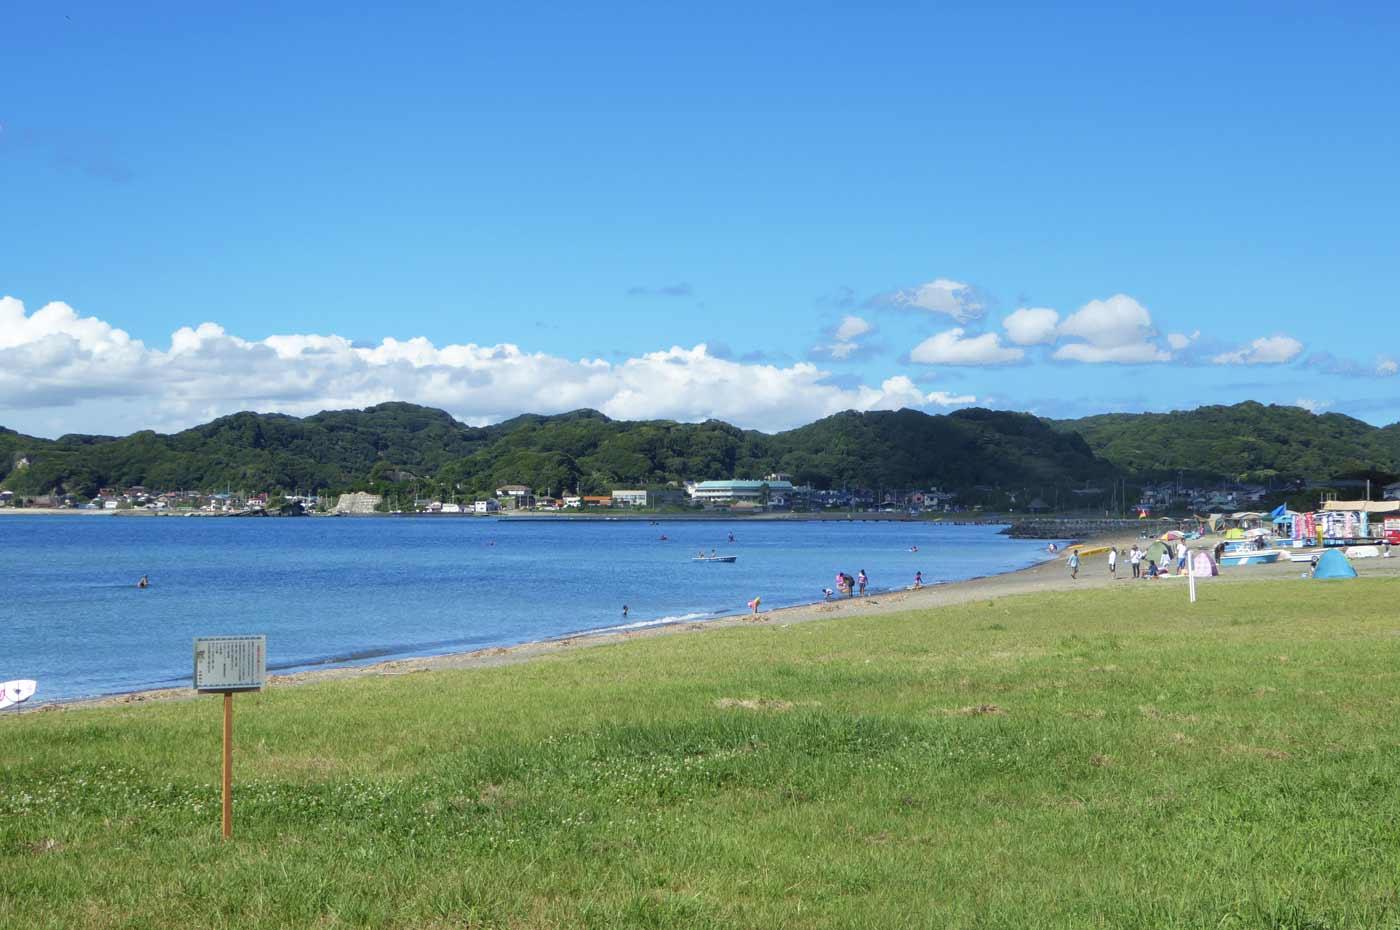 多田良北浜海水浴場のキャンプ場